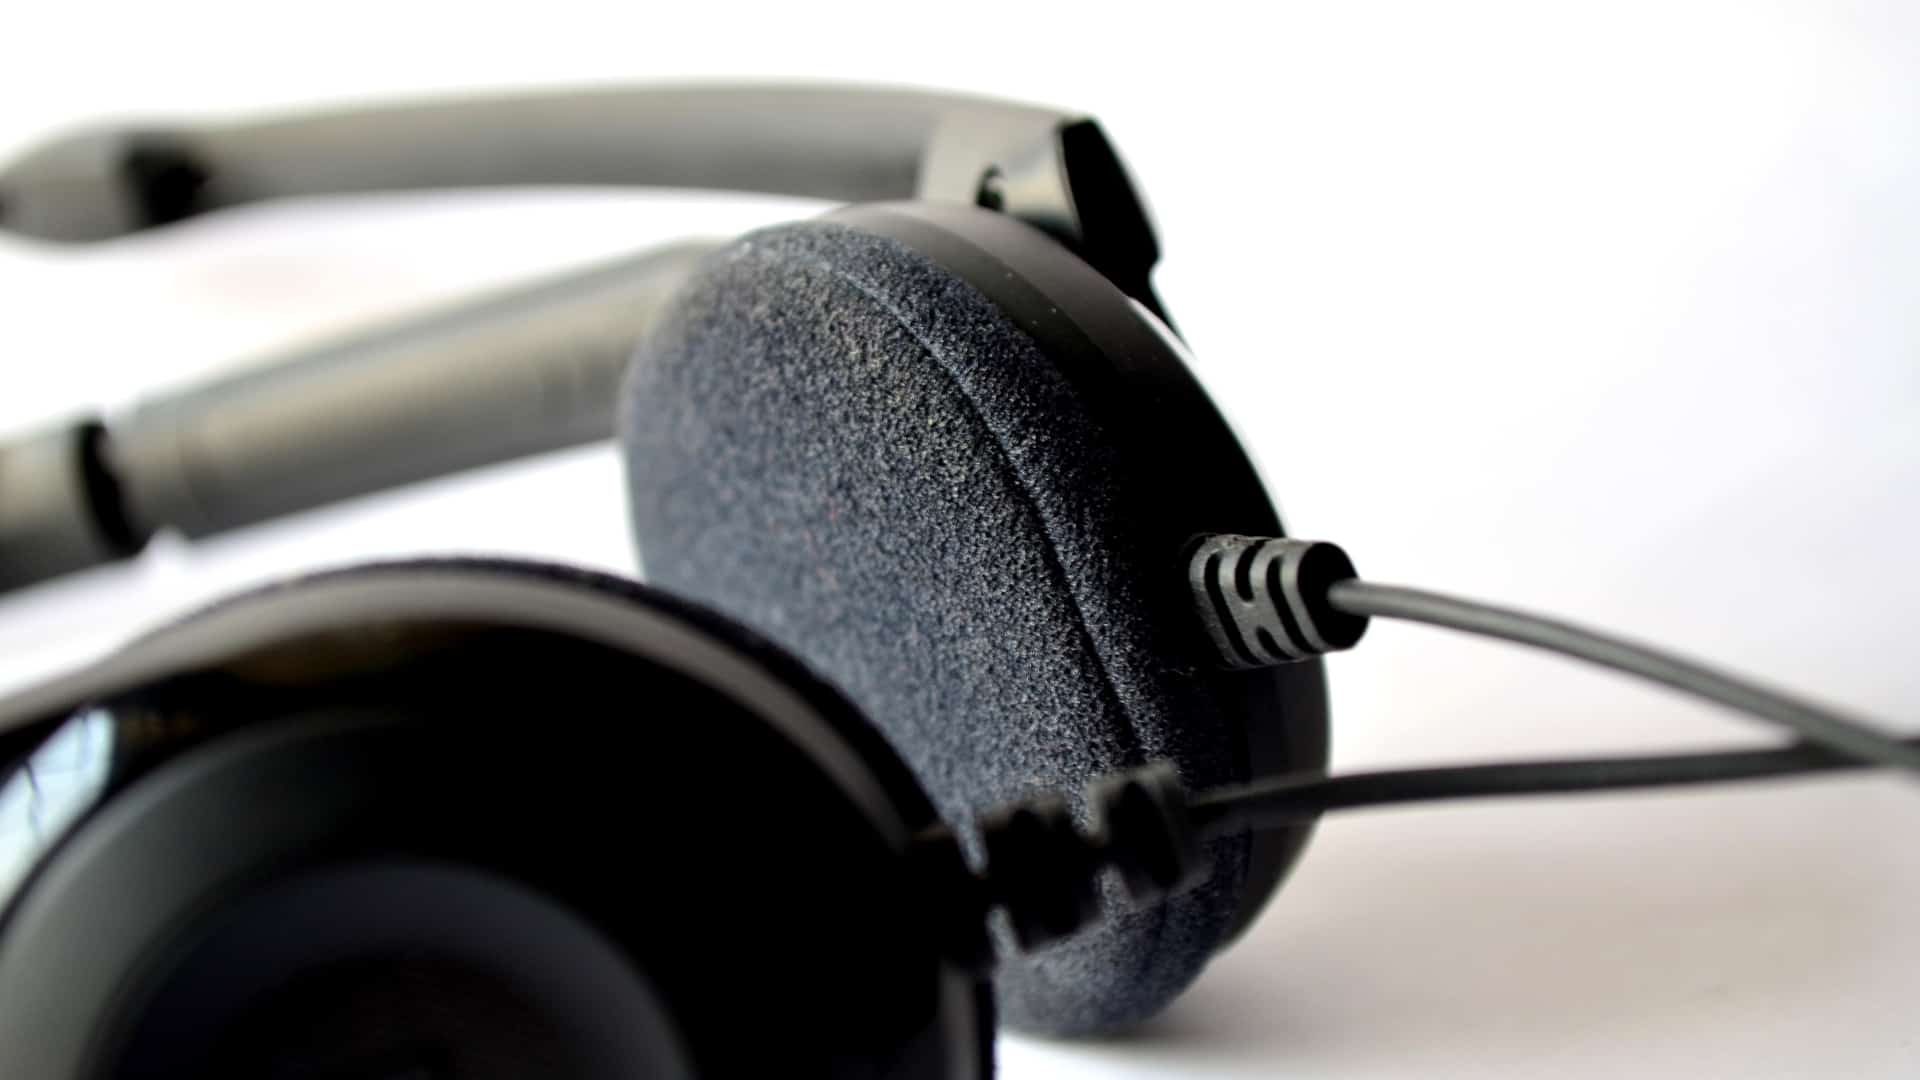 Cuffie con microfono: come scegliere le migliori?